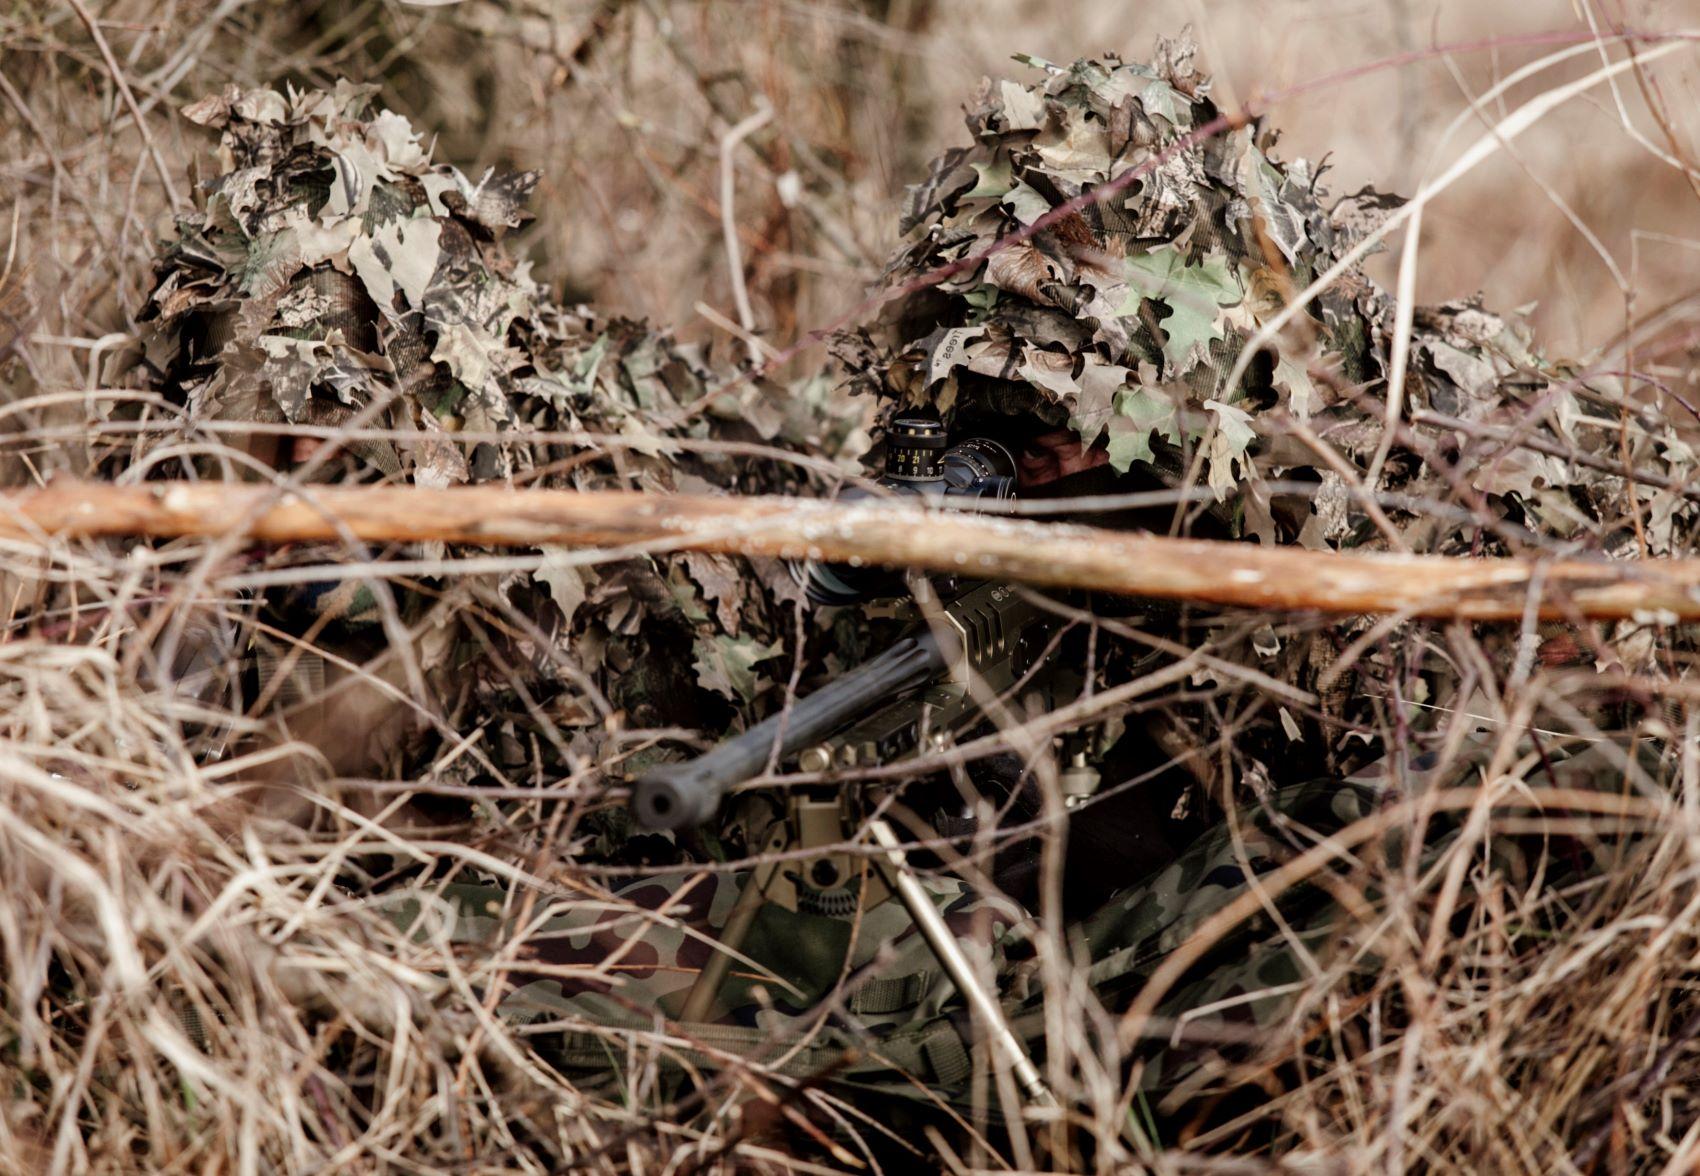 Szkolenie strzelców wyborowych z Podkarpacia - Zdjęcie główne